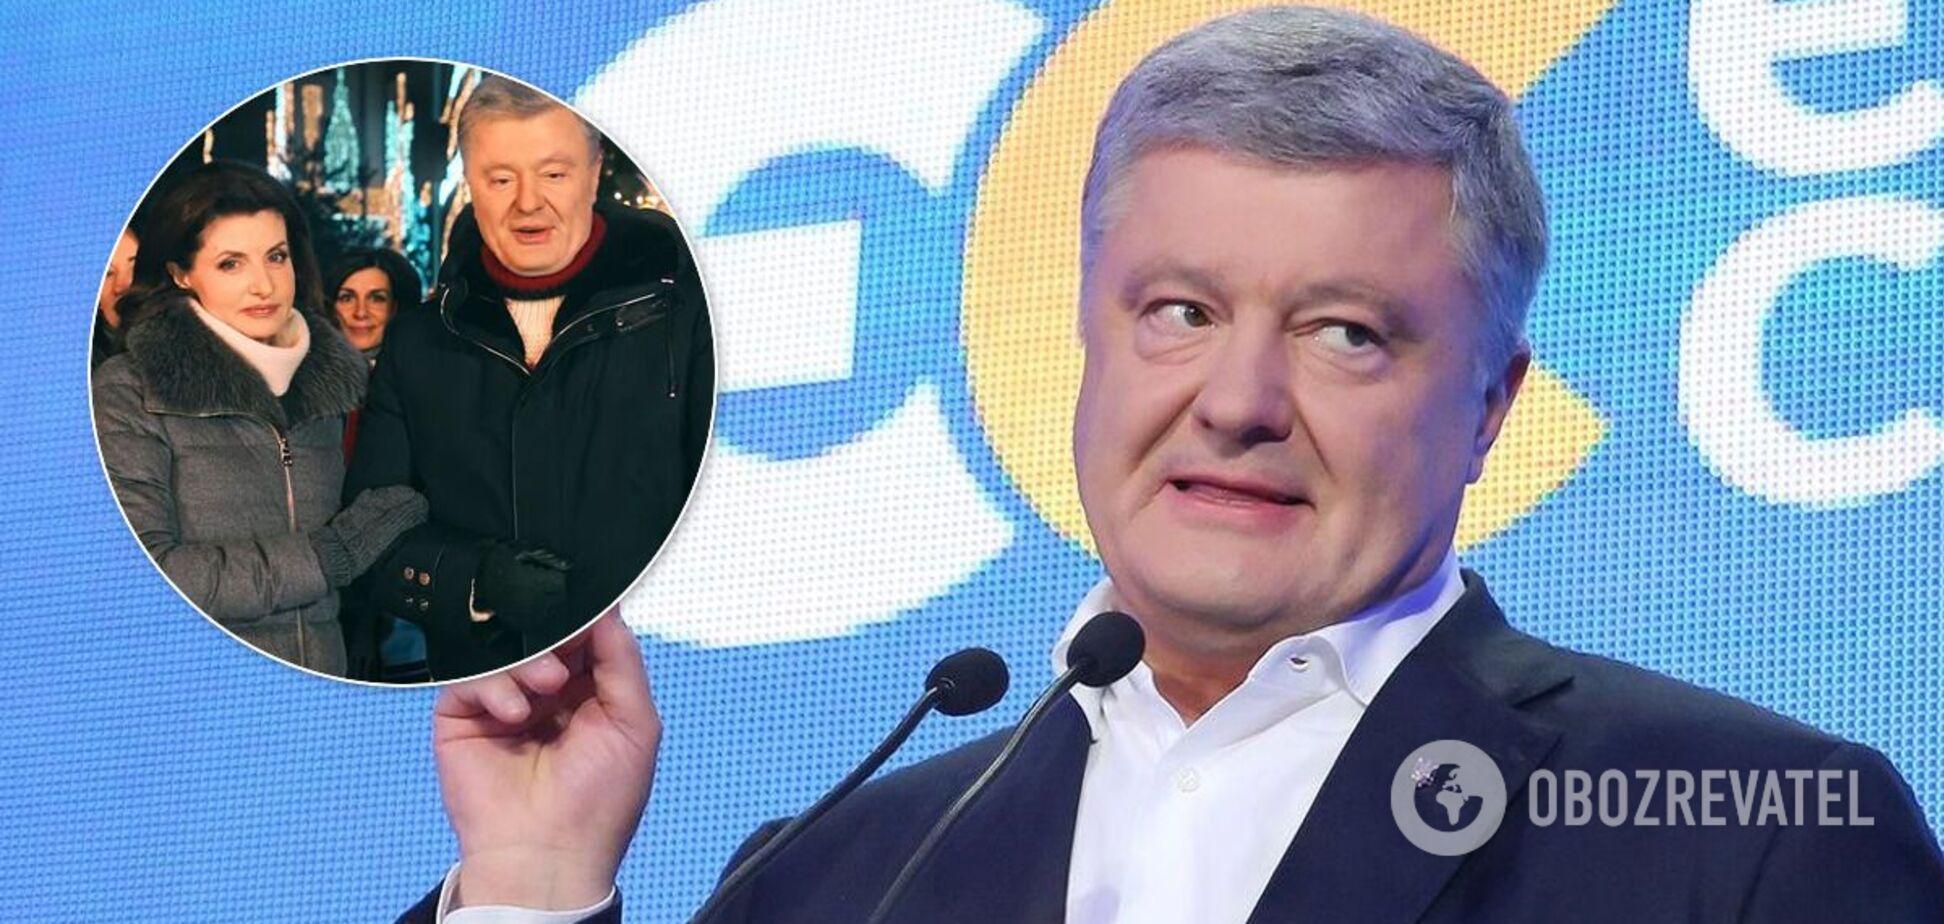 Пятый президент Петр Порошенко